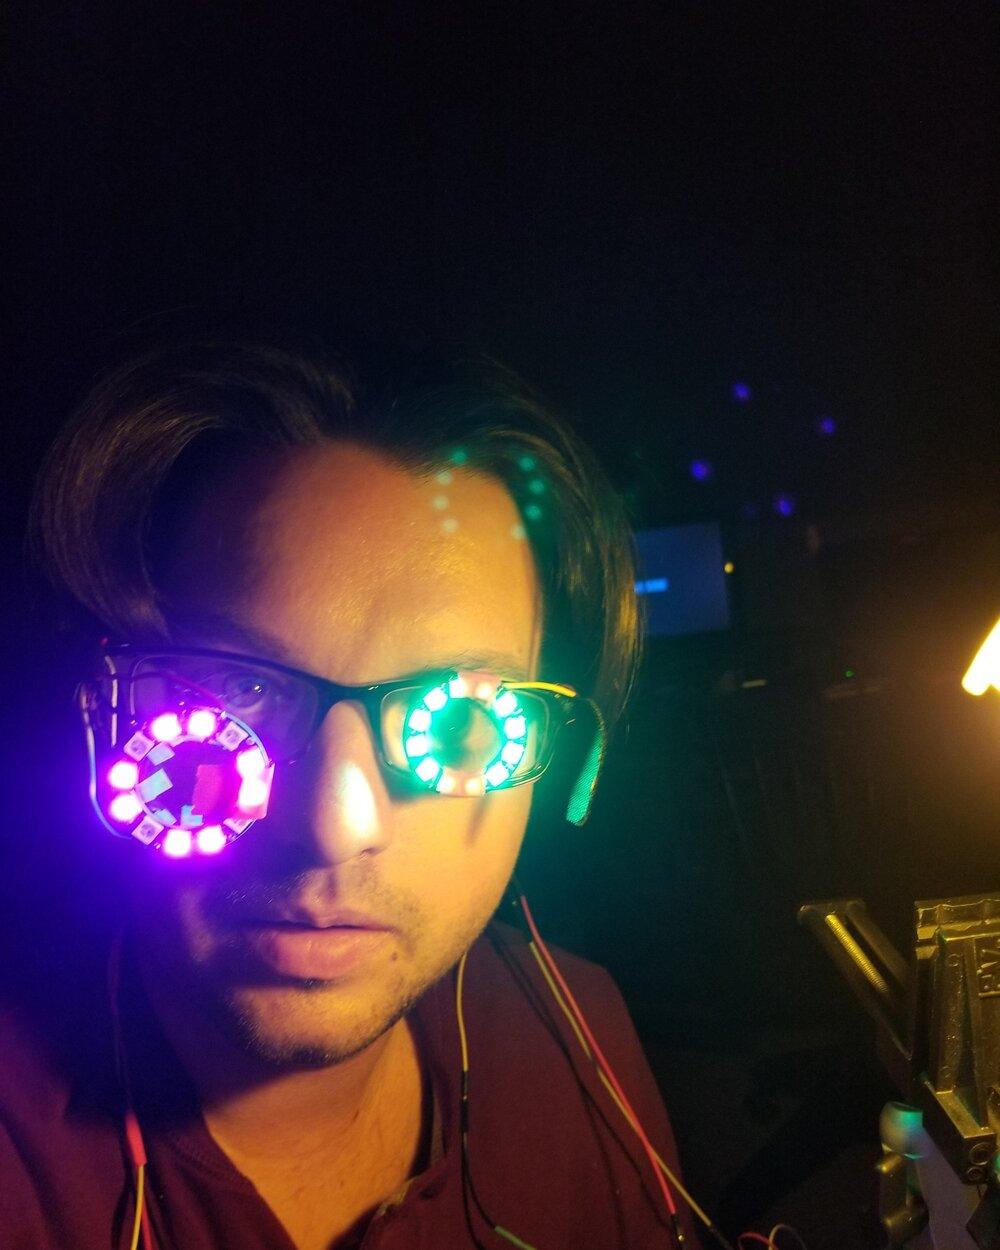 0_selfie-Lights (15).jpg